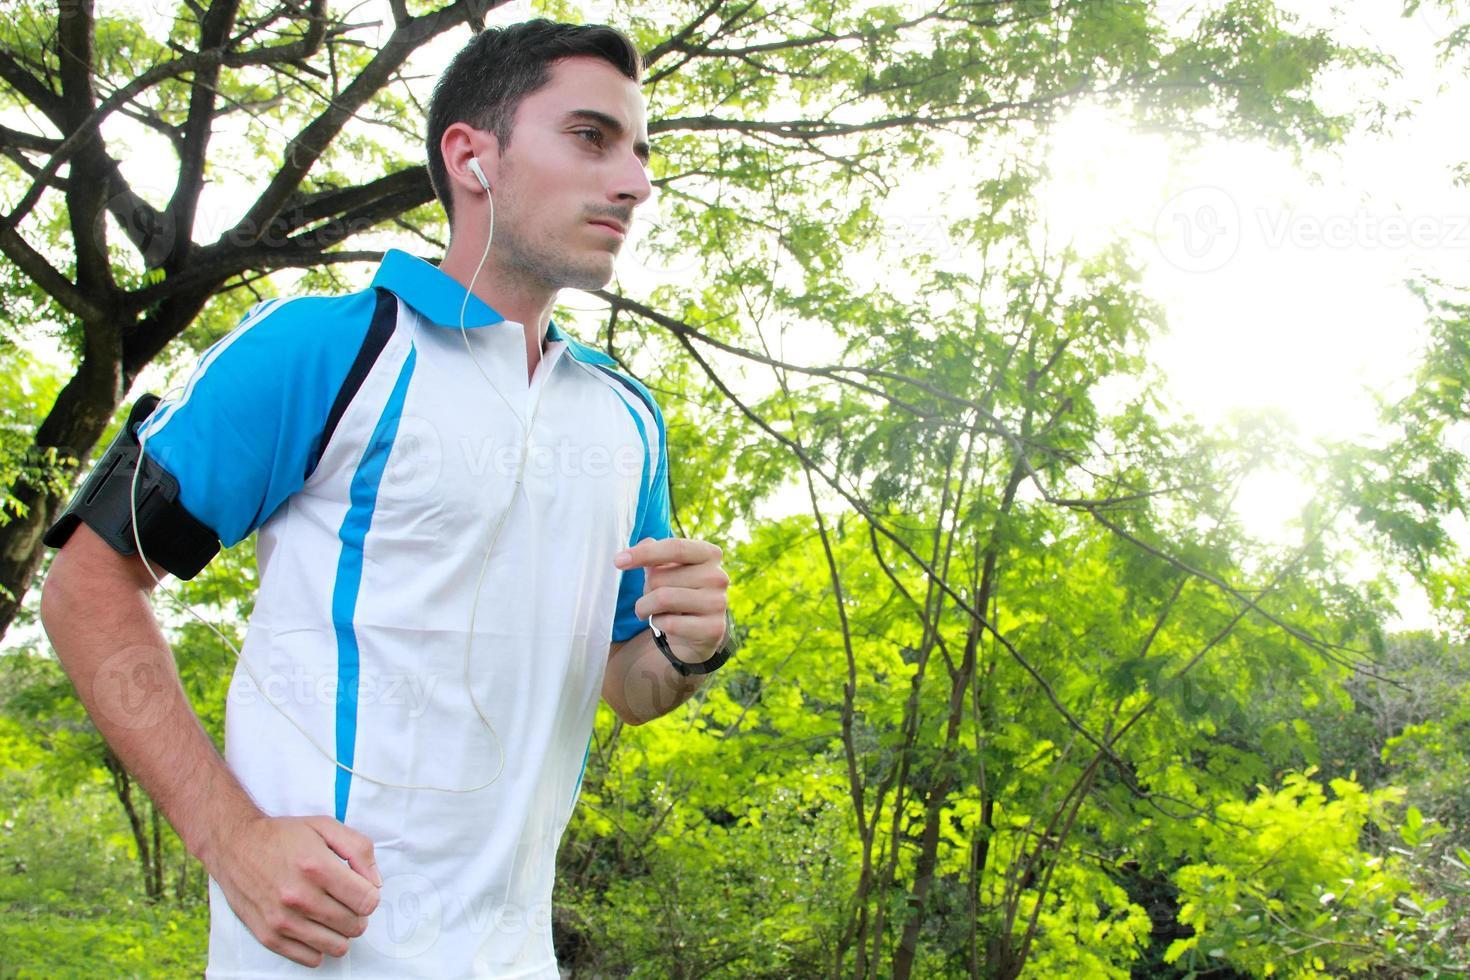 ajuste deportivo joven corriendo mientras escucha música foto